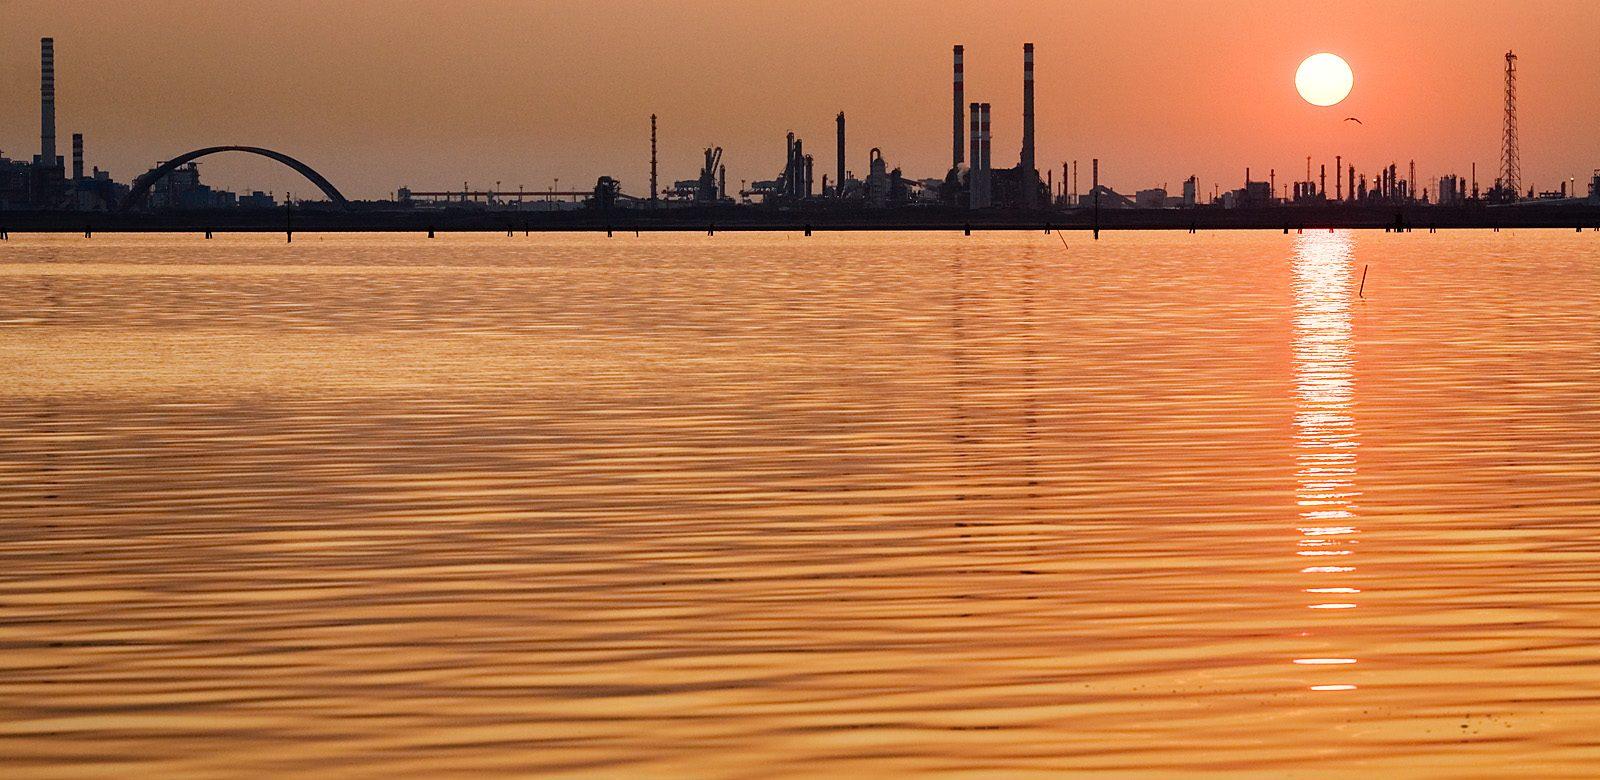 Le pétro-gazier italien Eni veut investir en Afrique pour faciliter l'accès à l'électricité